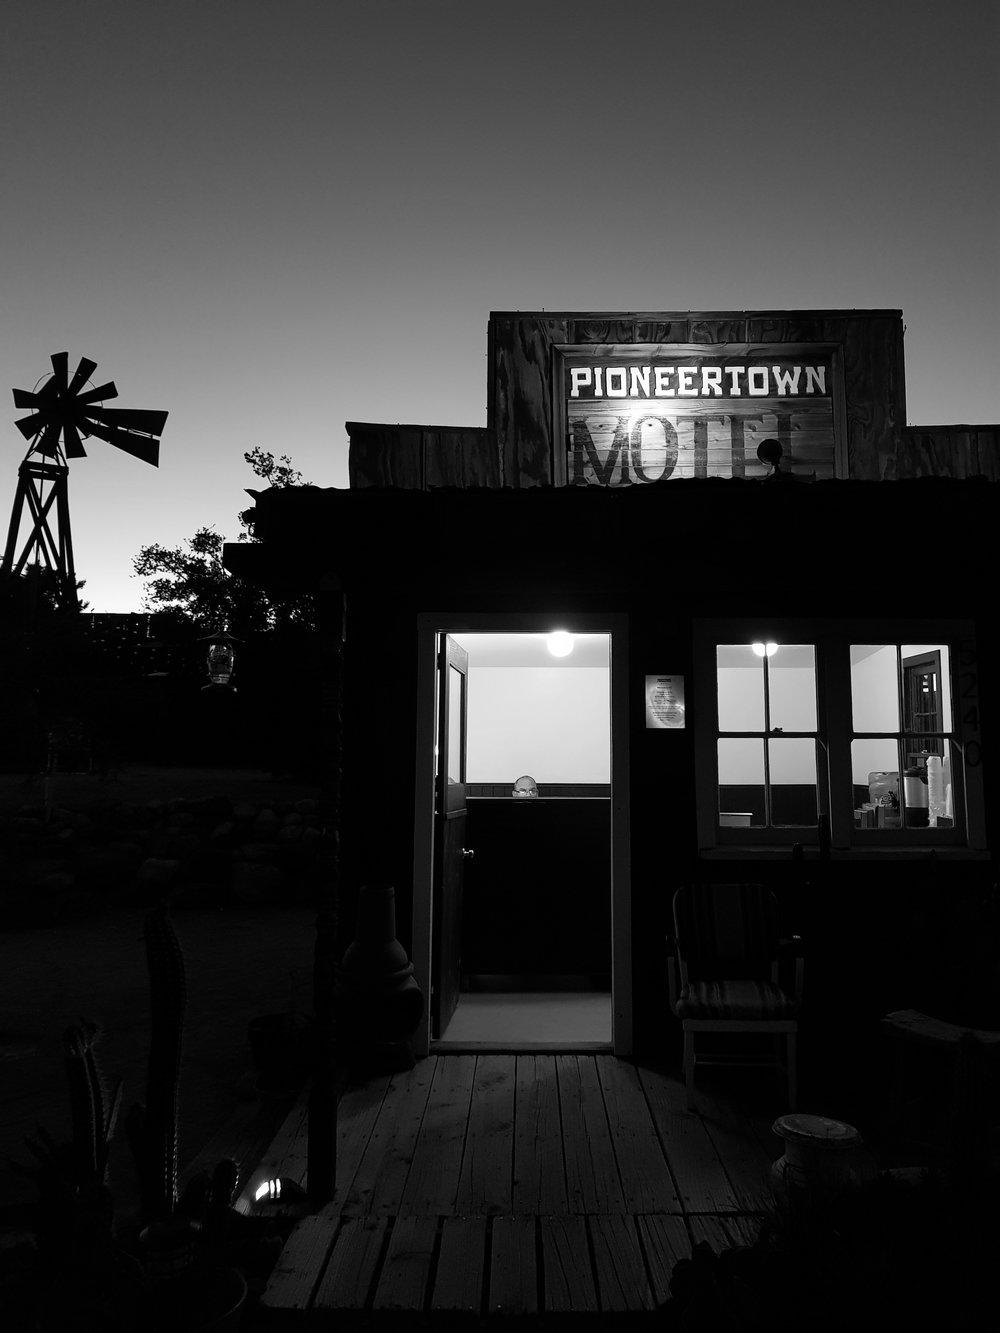 pioneertown motel.jpg